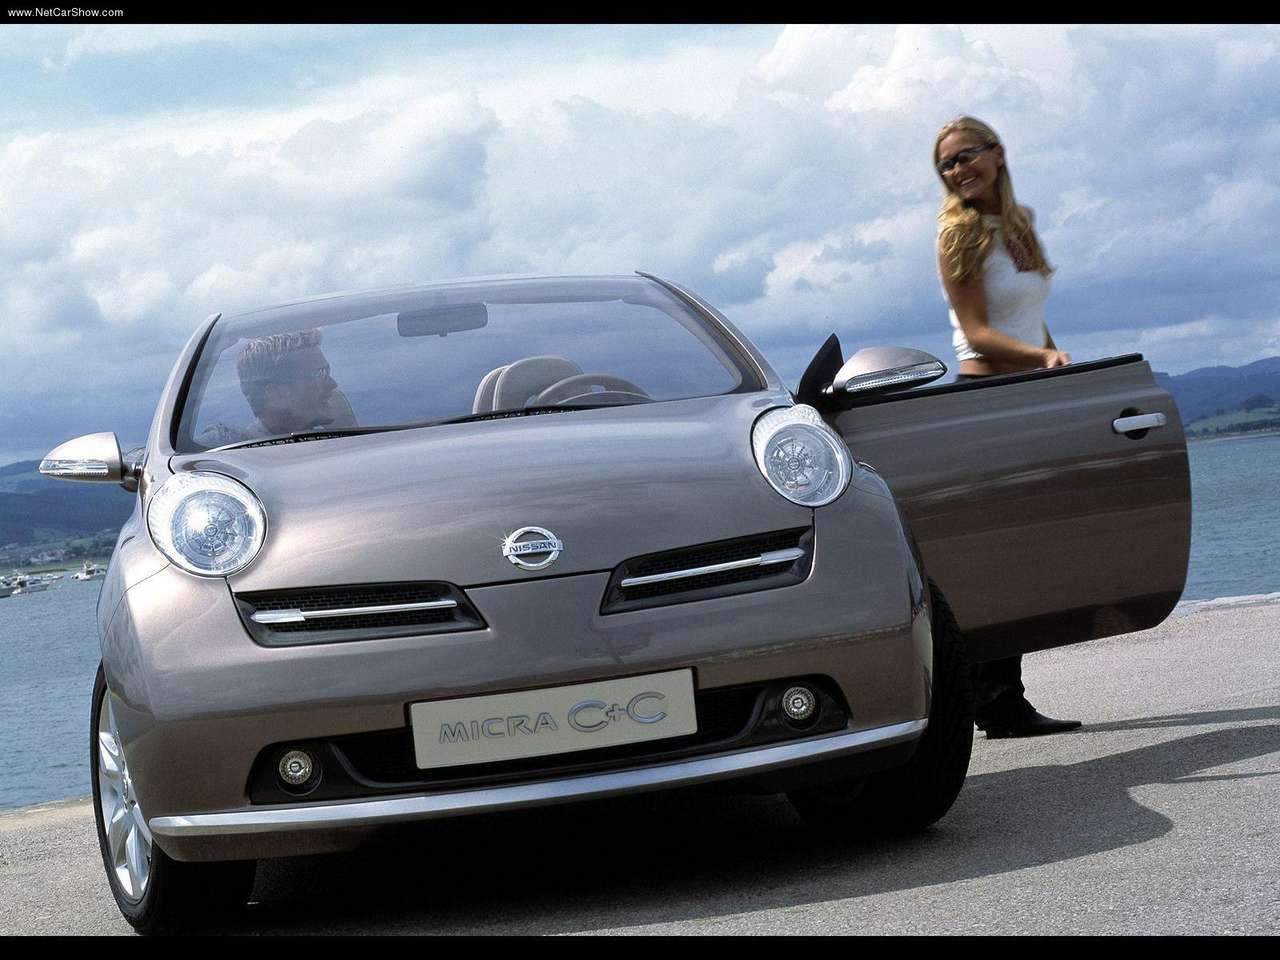 http://2.bp.blogspot.com/-d7AnfsbvY7w/TYDEO6oM_5I/AAAAAAAAGIA/xbLTlh_pg64/s1600/Nissan-Micra_C%252BC_Concept_2002_1280x960_wallpaper_06.jpg